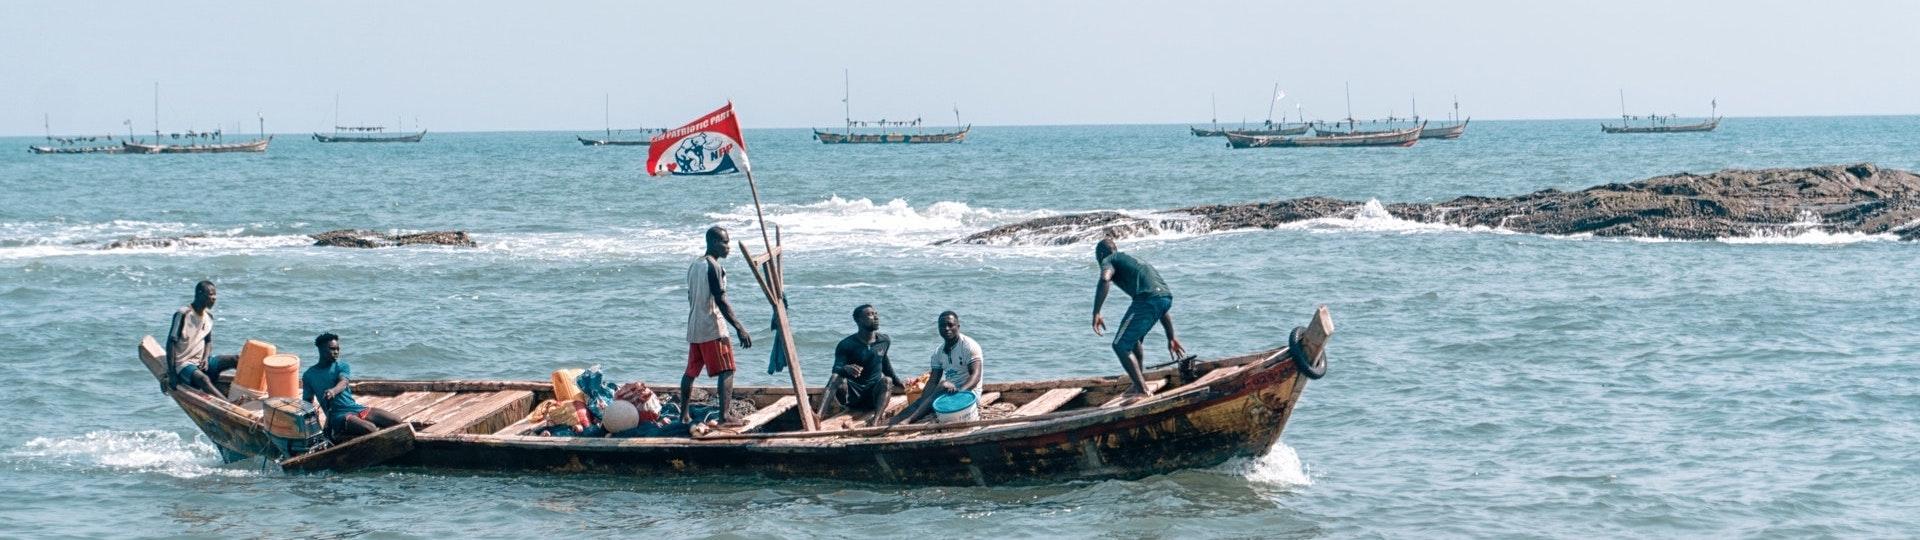 pecheurs sun un bateau en bois, faisant voler un drapeau.